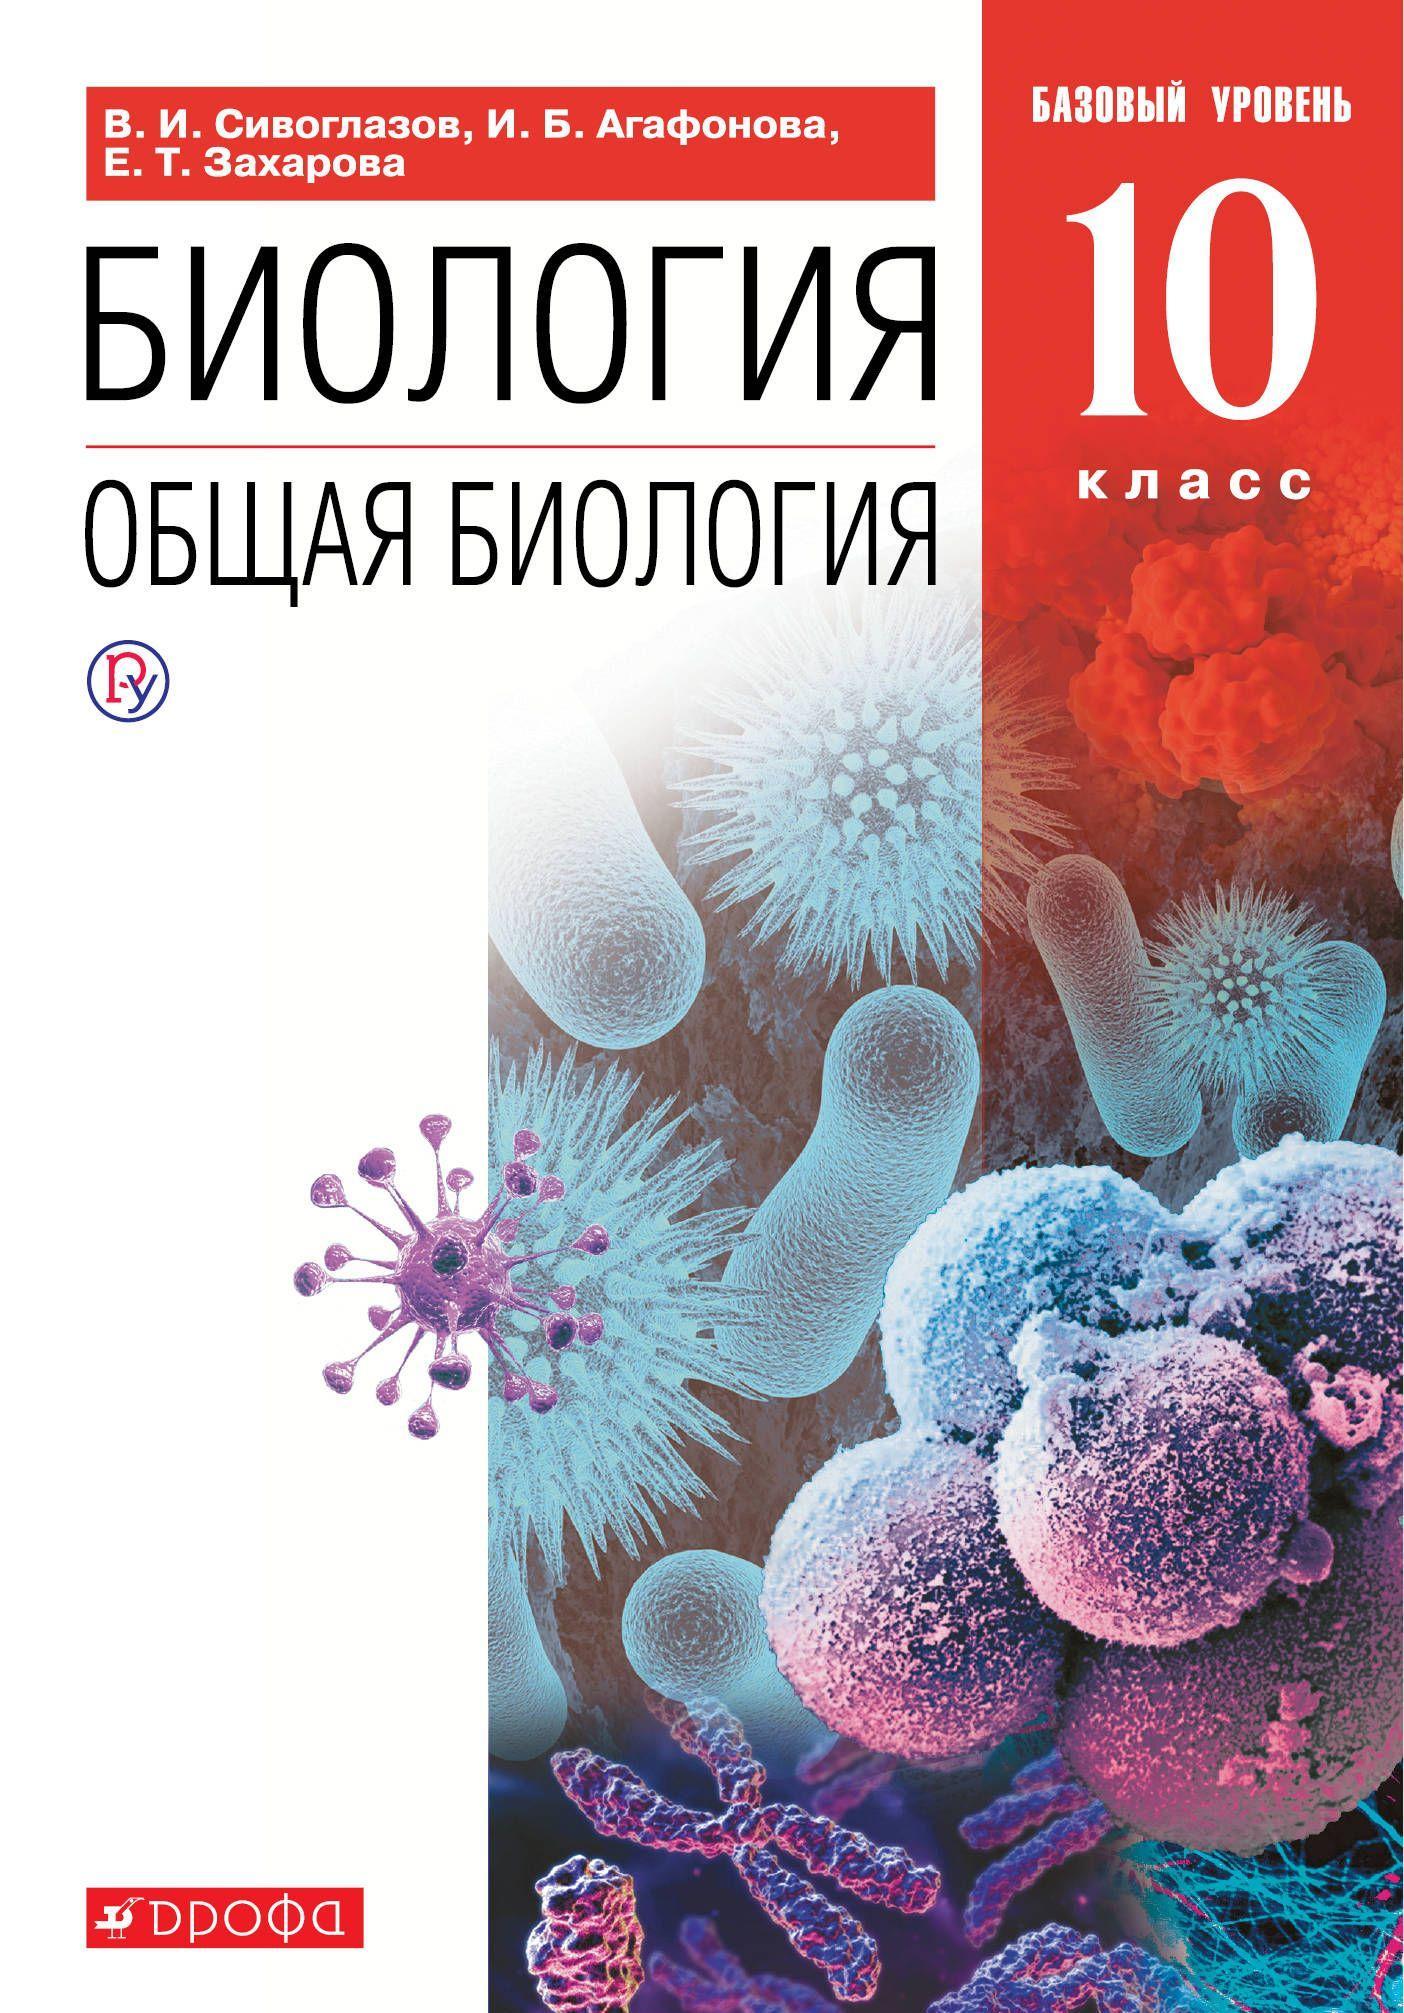 Biologija. Obschaja biologija. 10 klass. Bazovyj uroven. Uchebnik | Agafonova Inna Borisovna, Zakharova Ekaterina Timofeevna